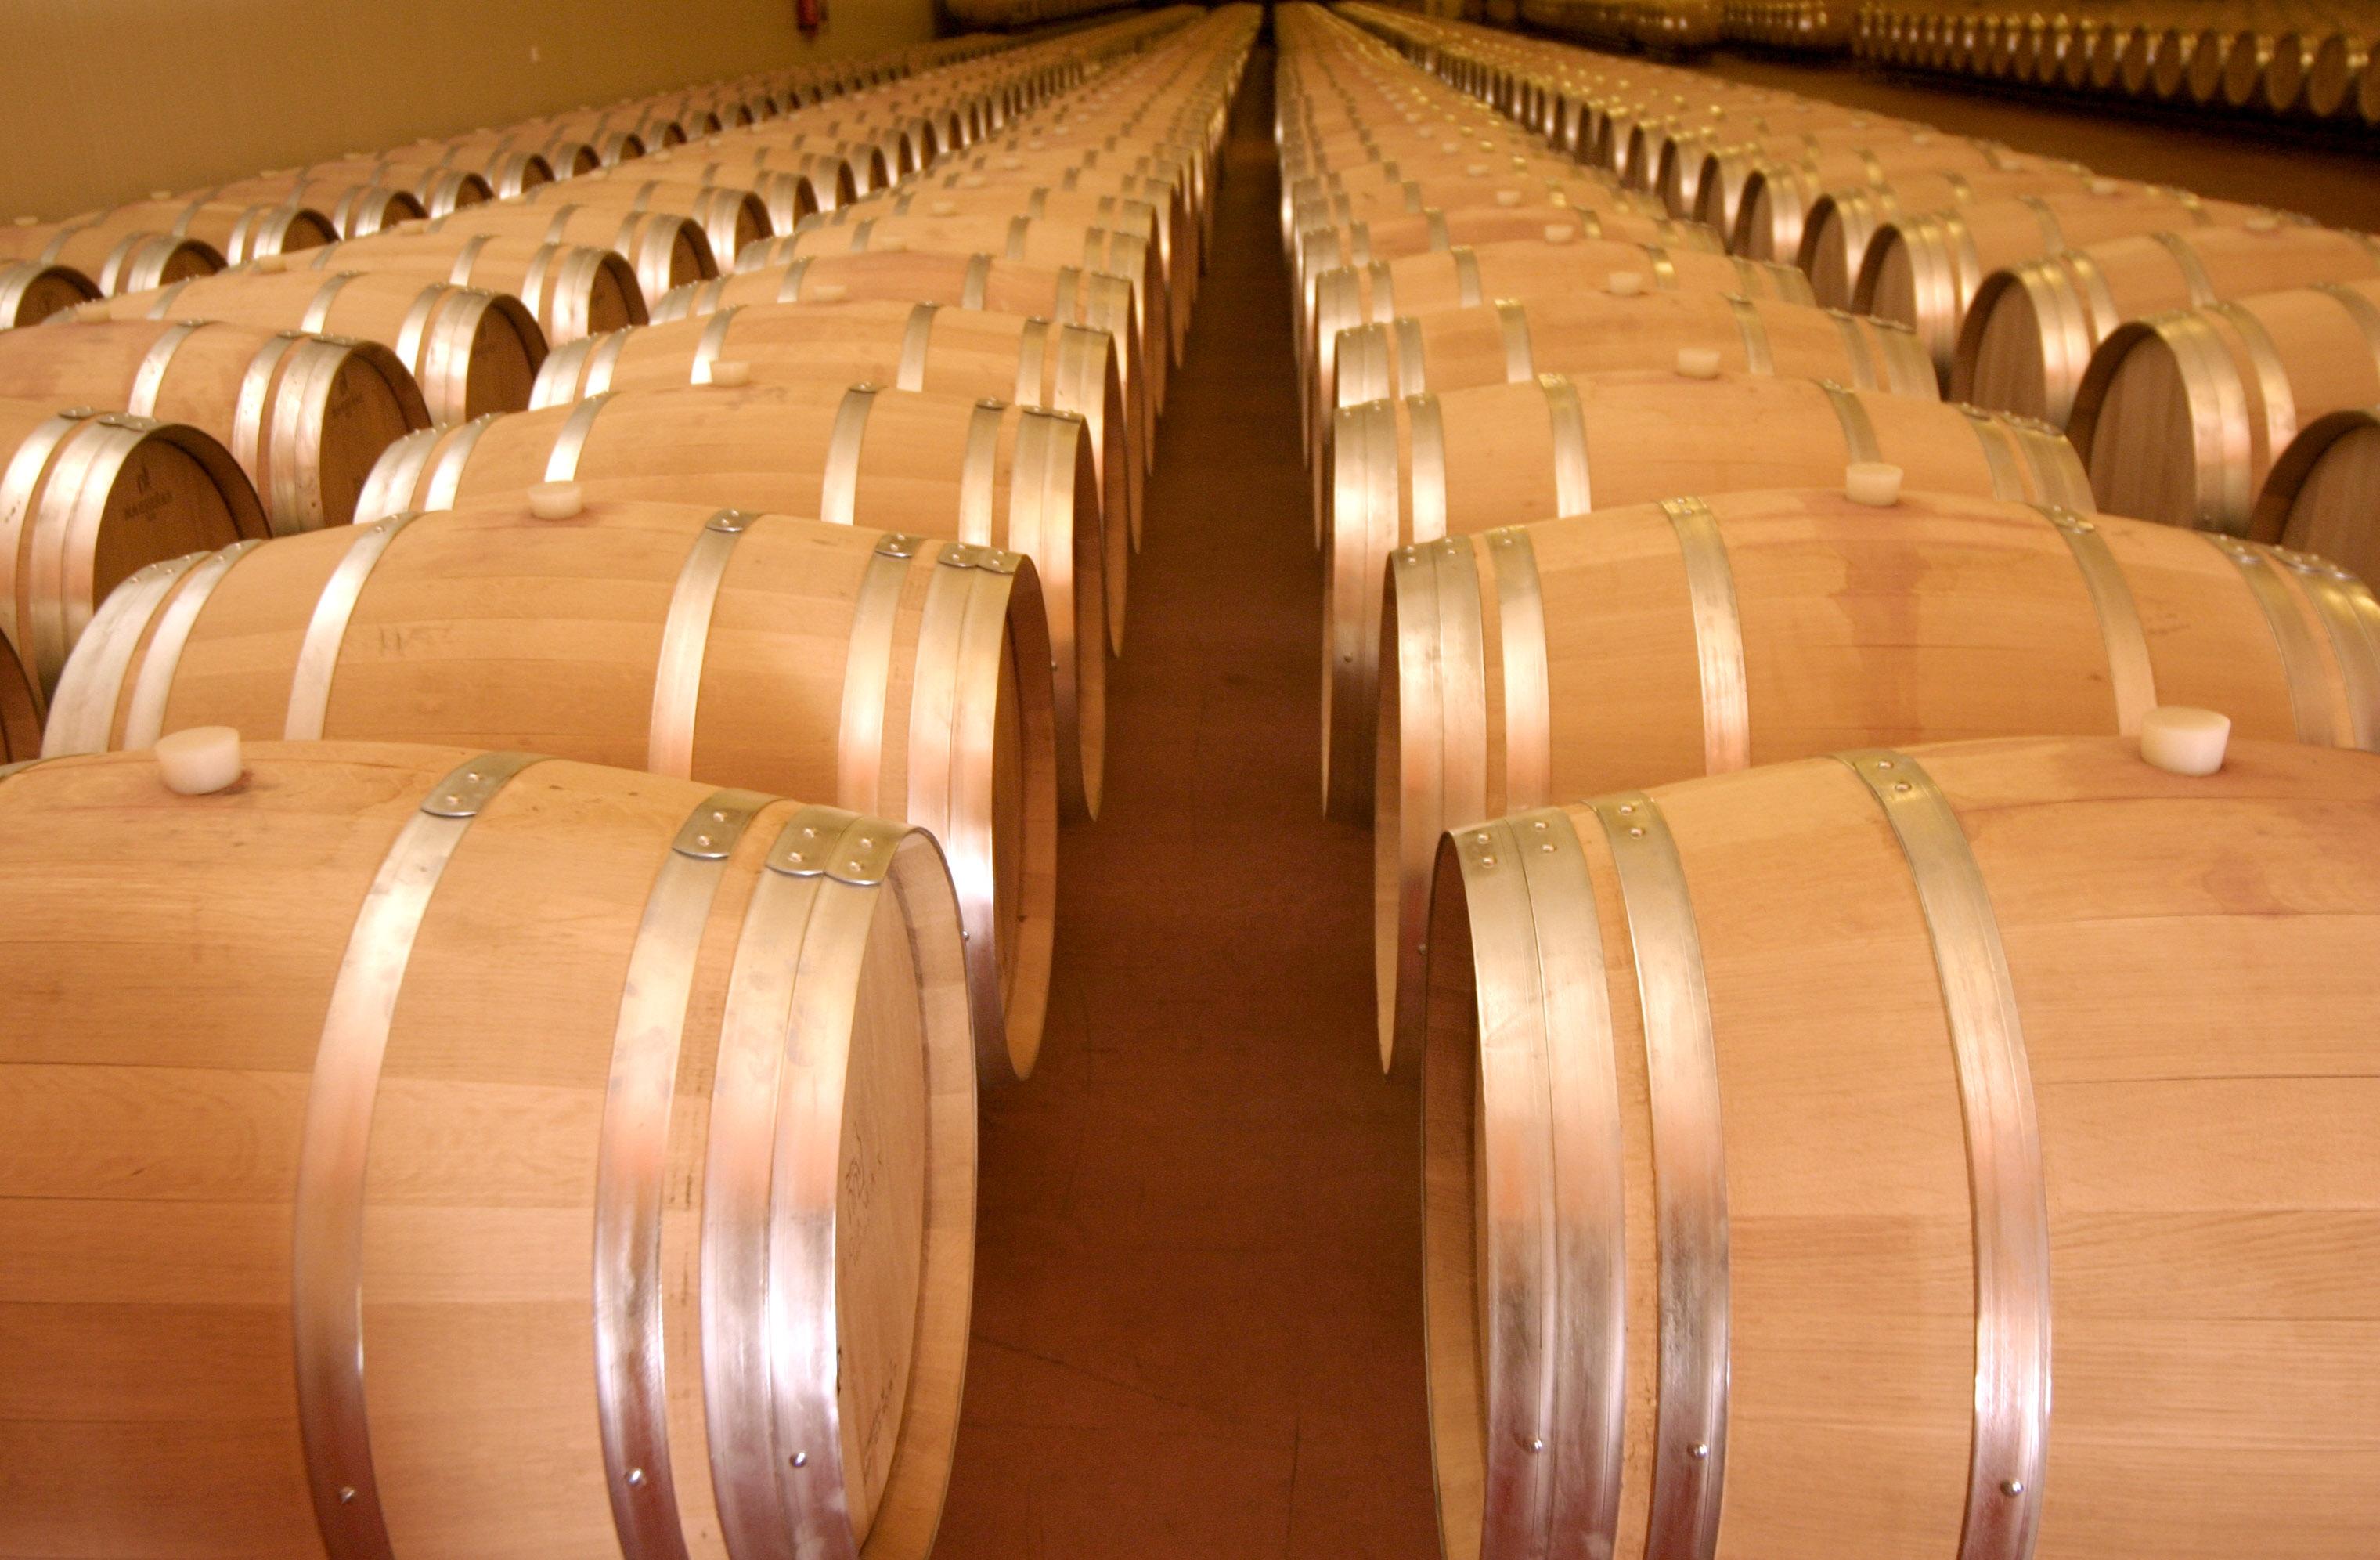 Agricultura convoca por 2,7 millones de euros las ayudas al sector vitivinícola para la promoción en mercados extracomunitarios